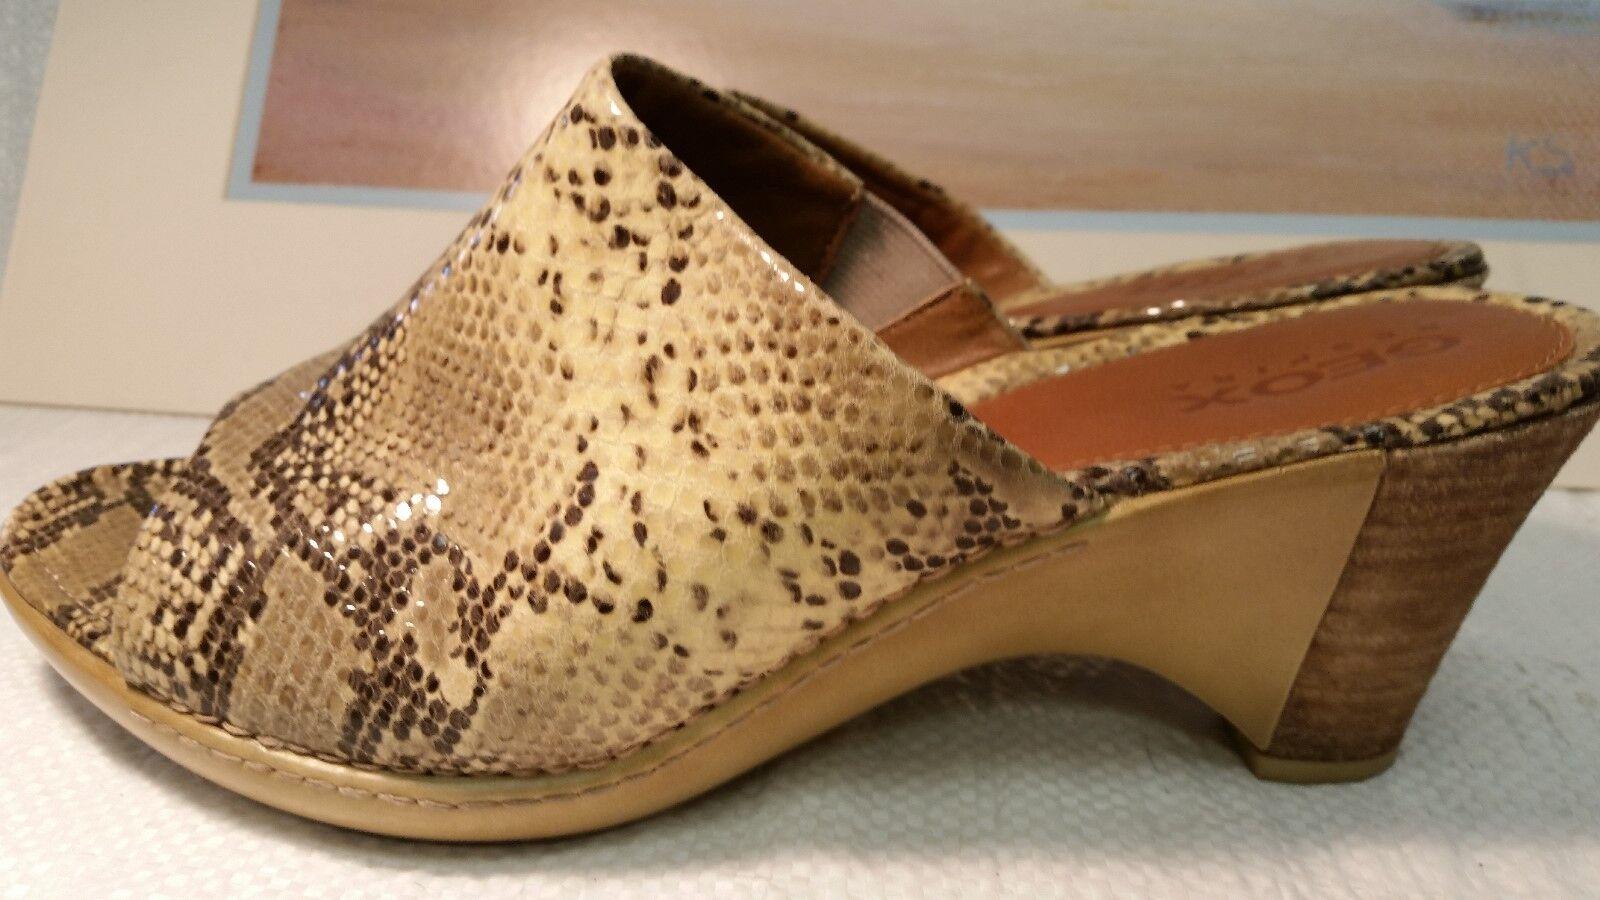 Geox respira Mujer 40 US 9 Sandalias Bronceado Piel Piel Piel De Serpiente Cuña De Cuero Zapatos De Charol 1b7eae